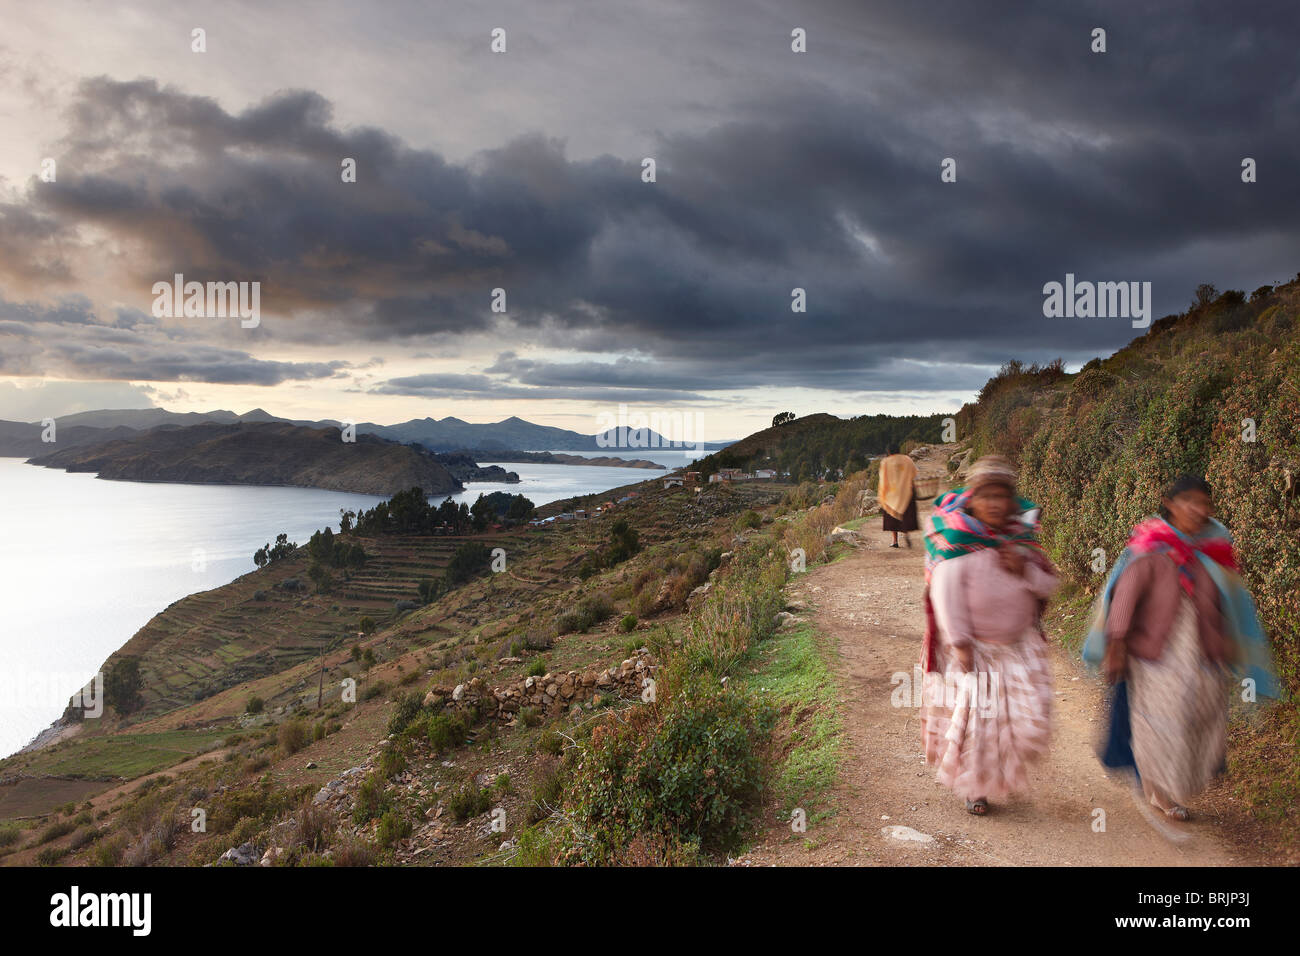 Isla del Sol, Lake Titicaca, Bolivia - Stock Image